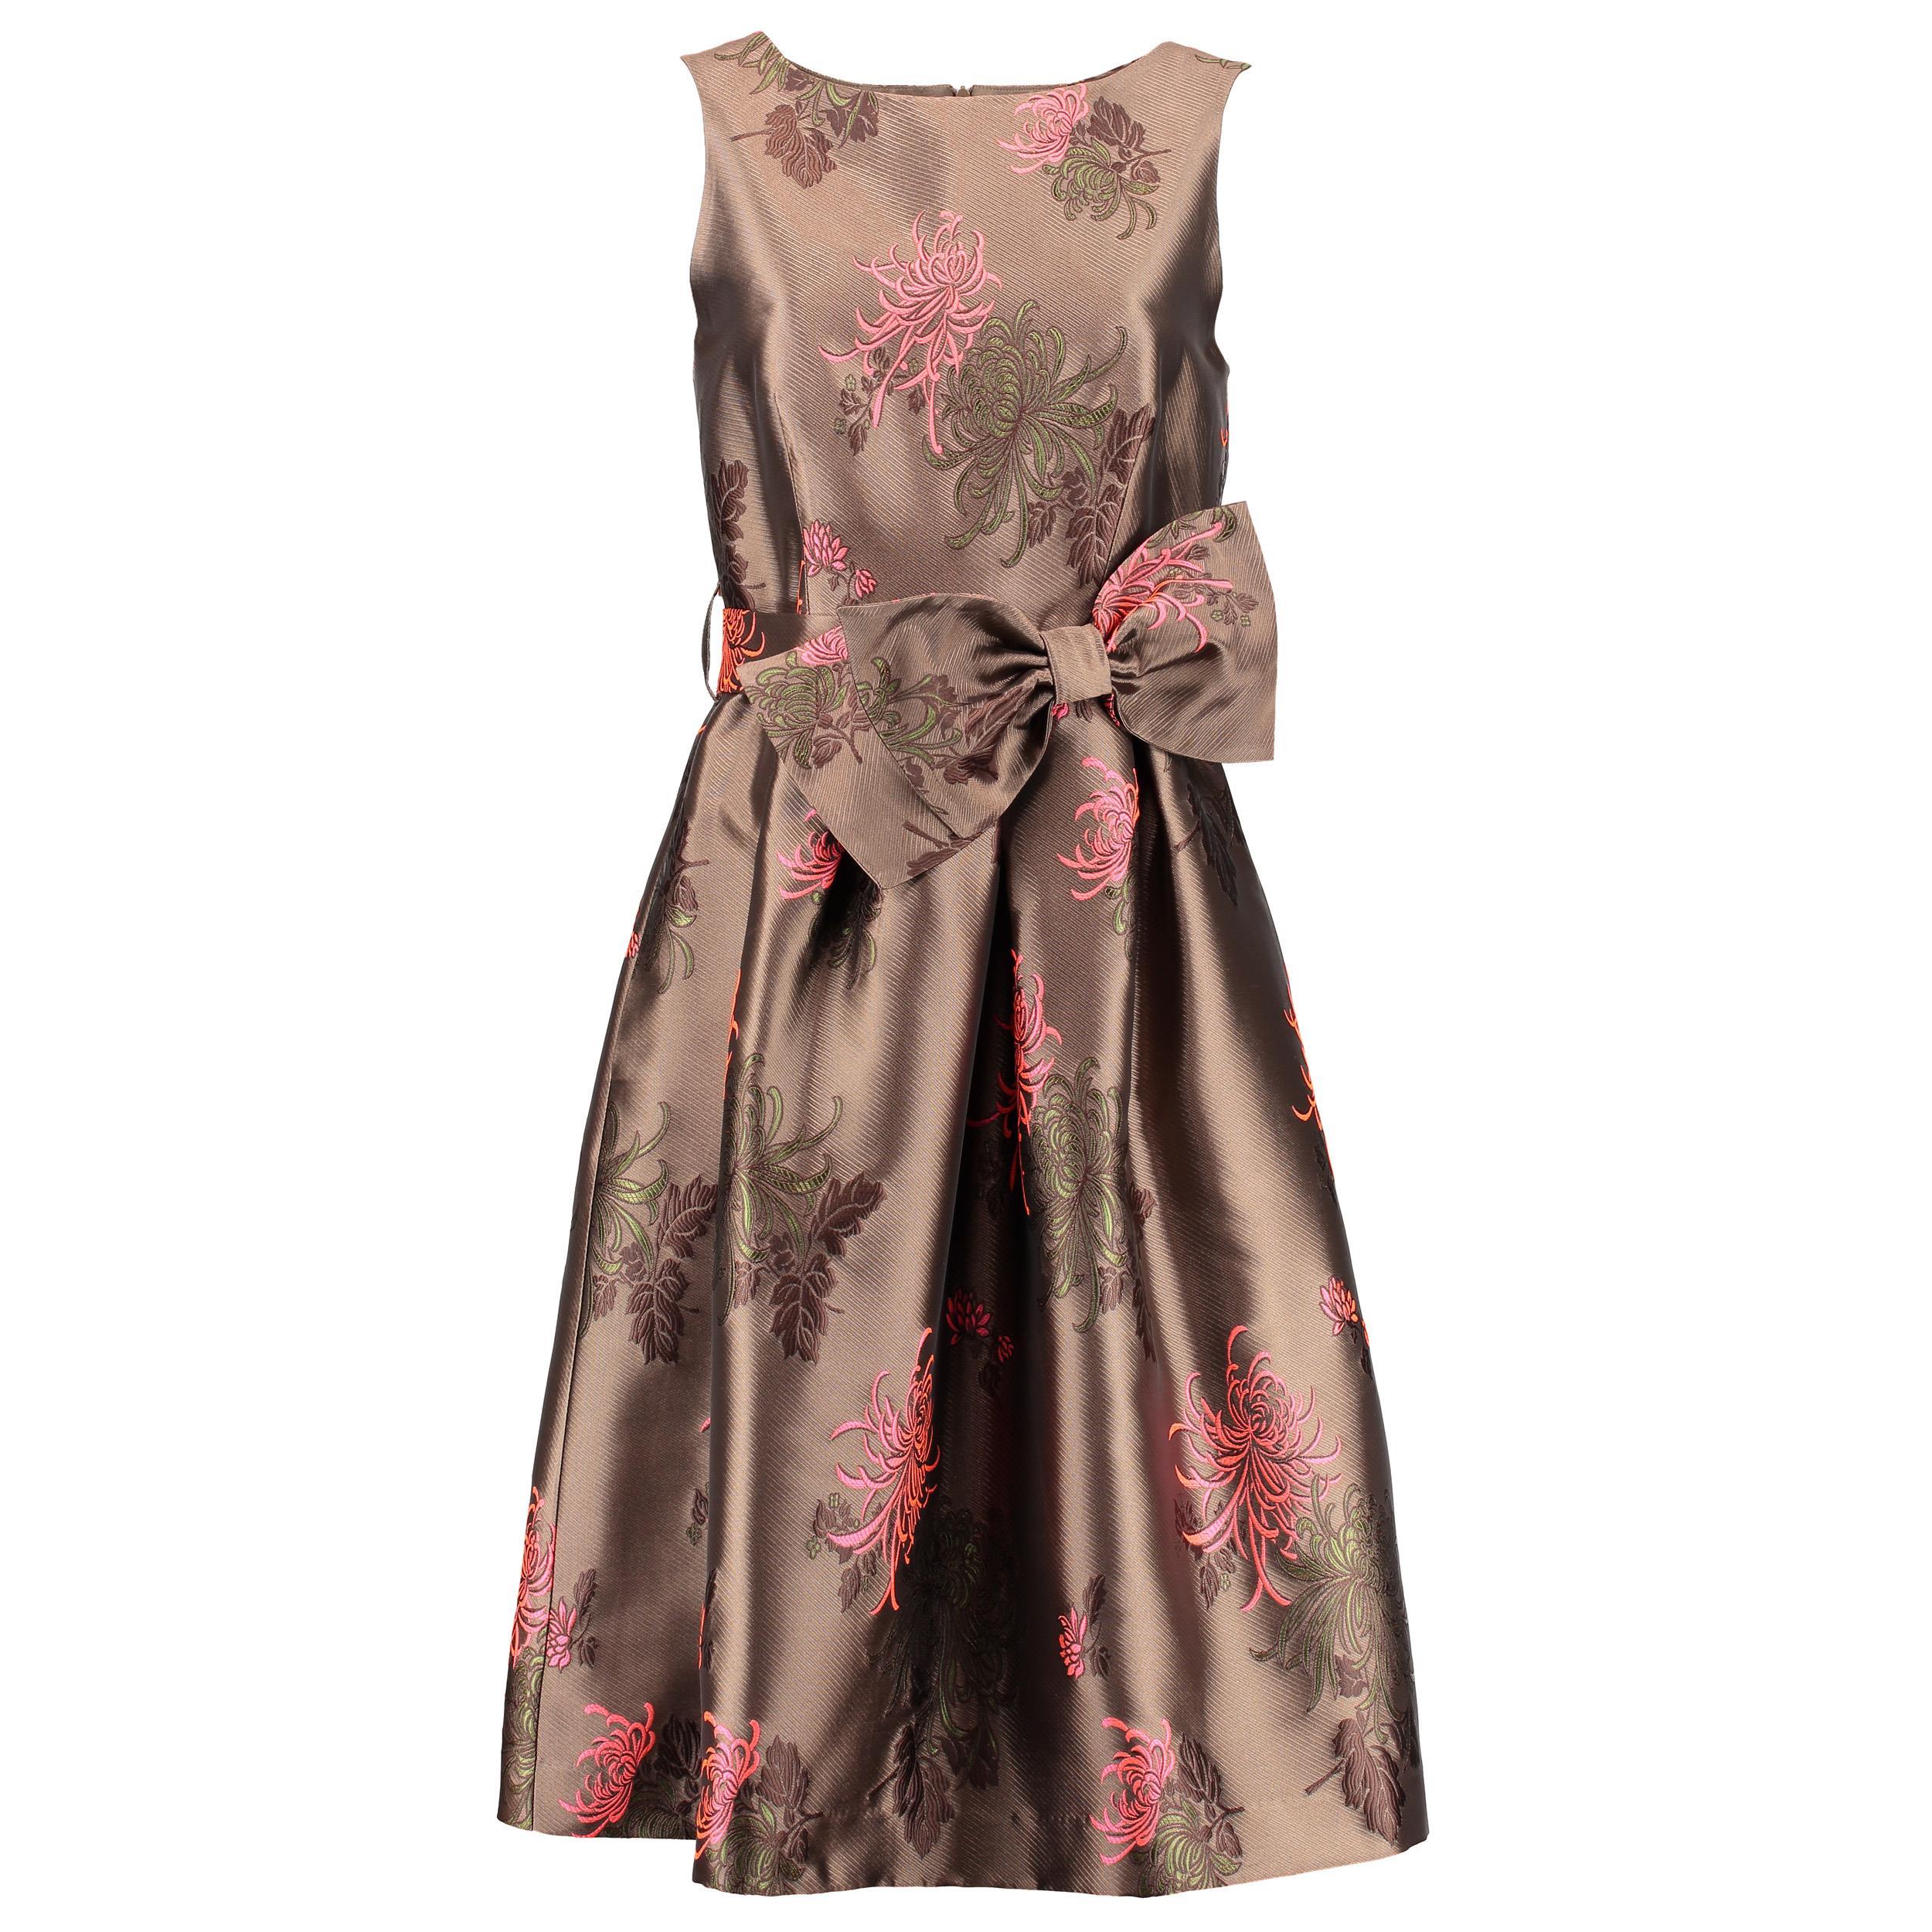 Mode Kleider|Damen| (Seite 1 von 7) Modehaus Schnitzler ...